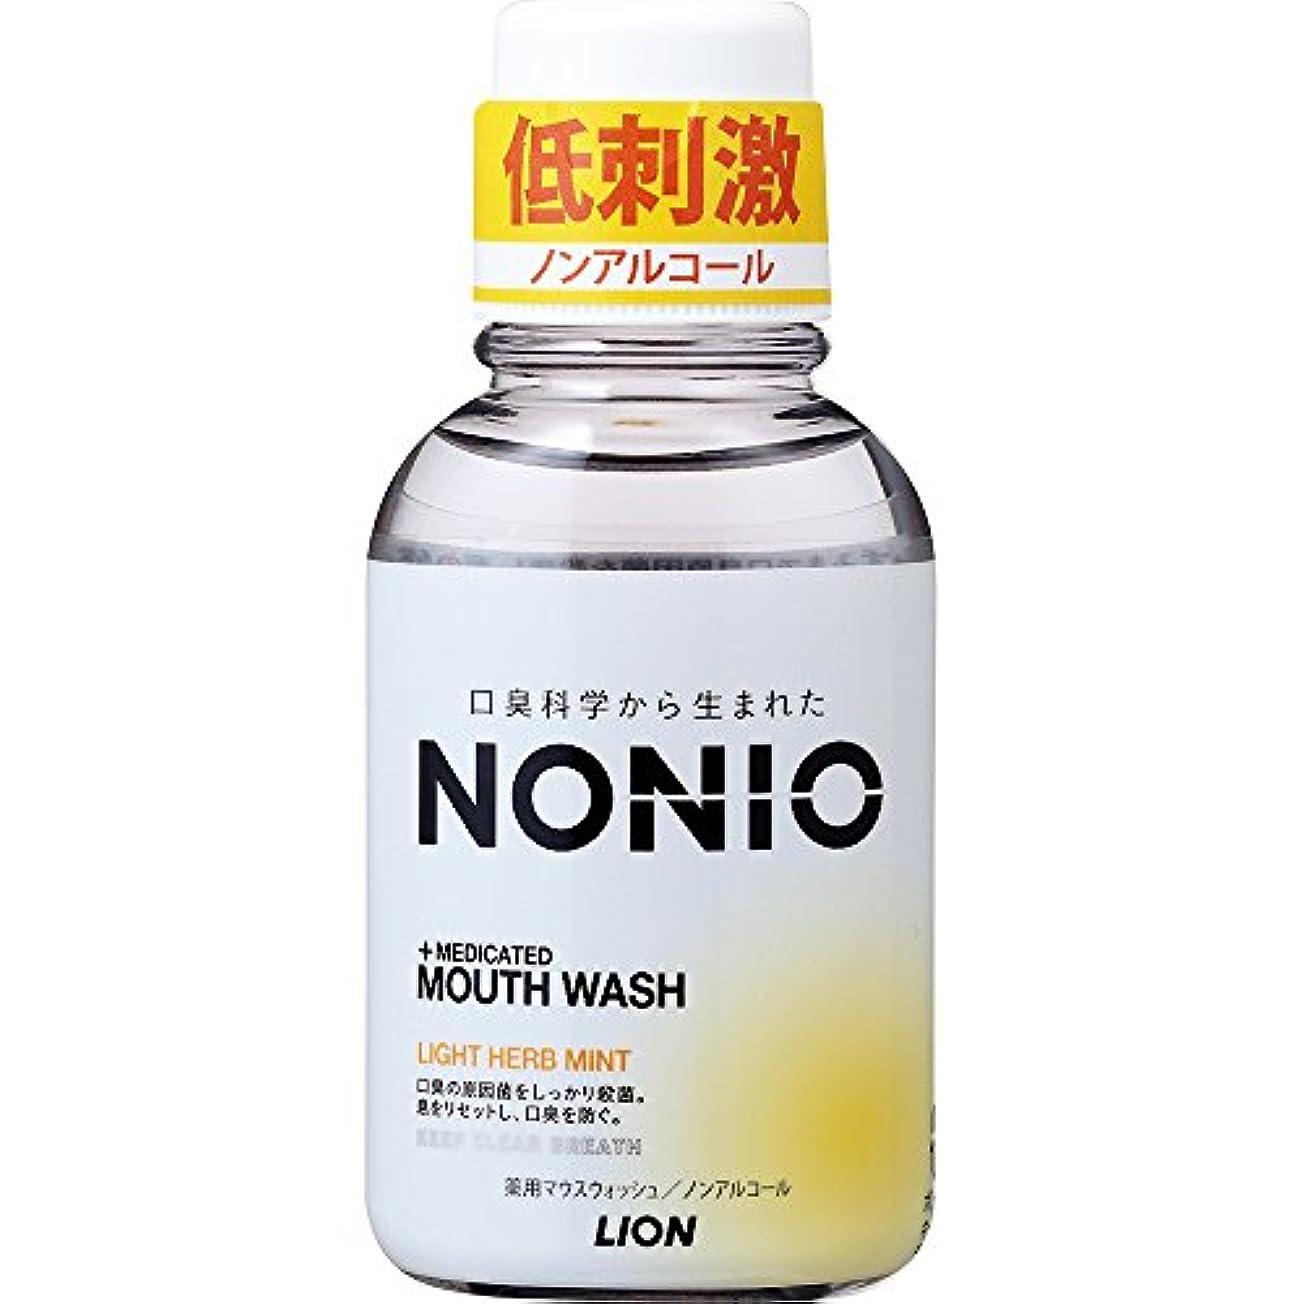 群集抜け目のない爆弾NONIO マウスウォッシュ ノンアルコール ライトハーブミント 80ml 洗口液 (医薬部外品)